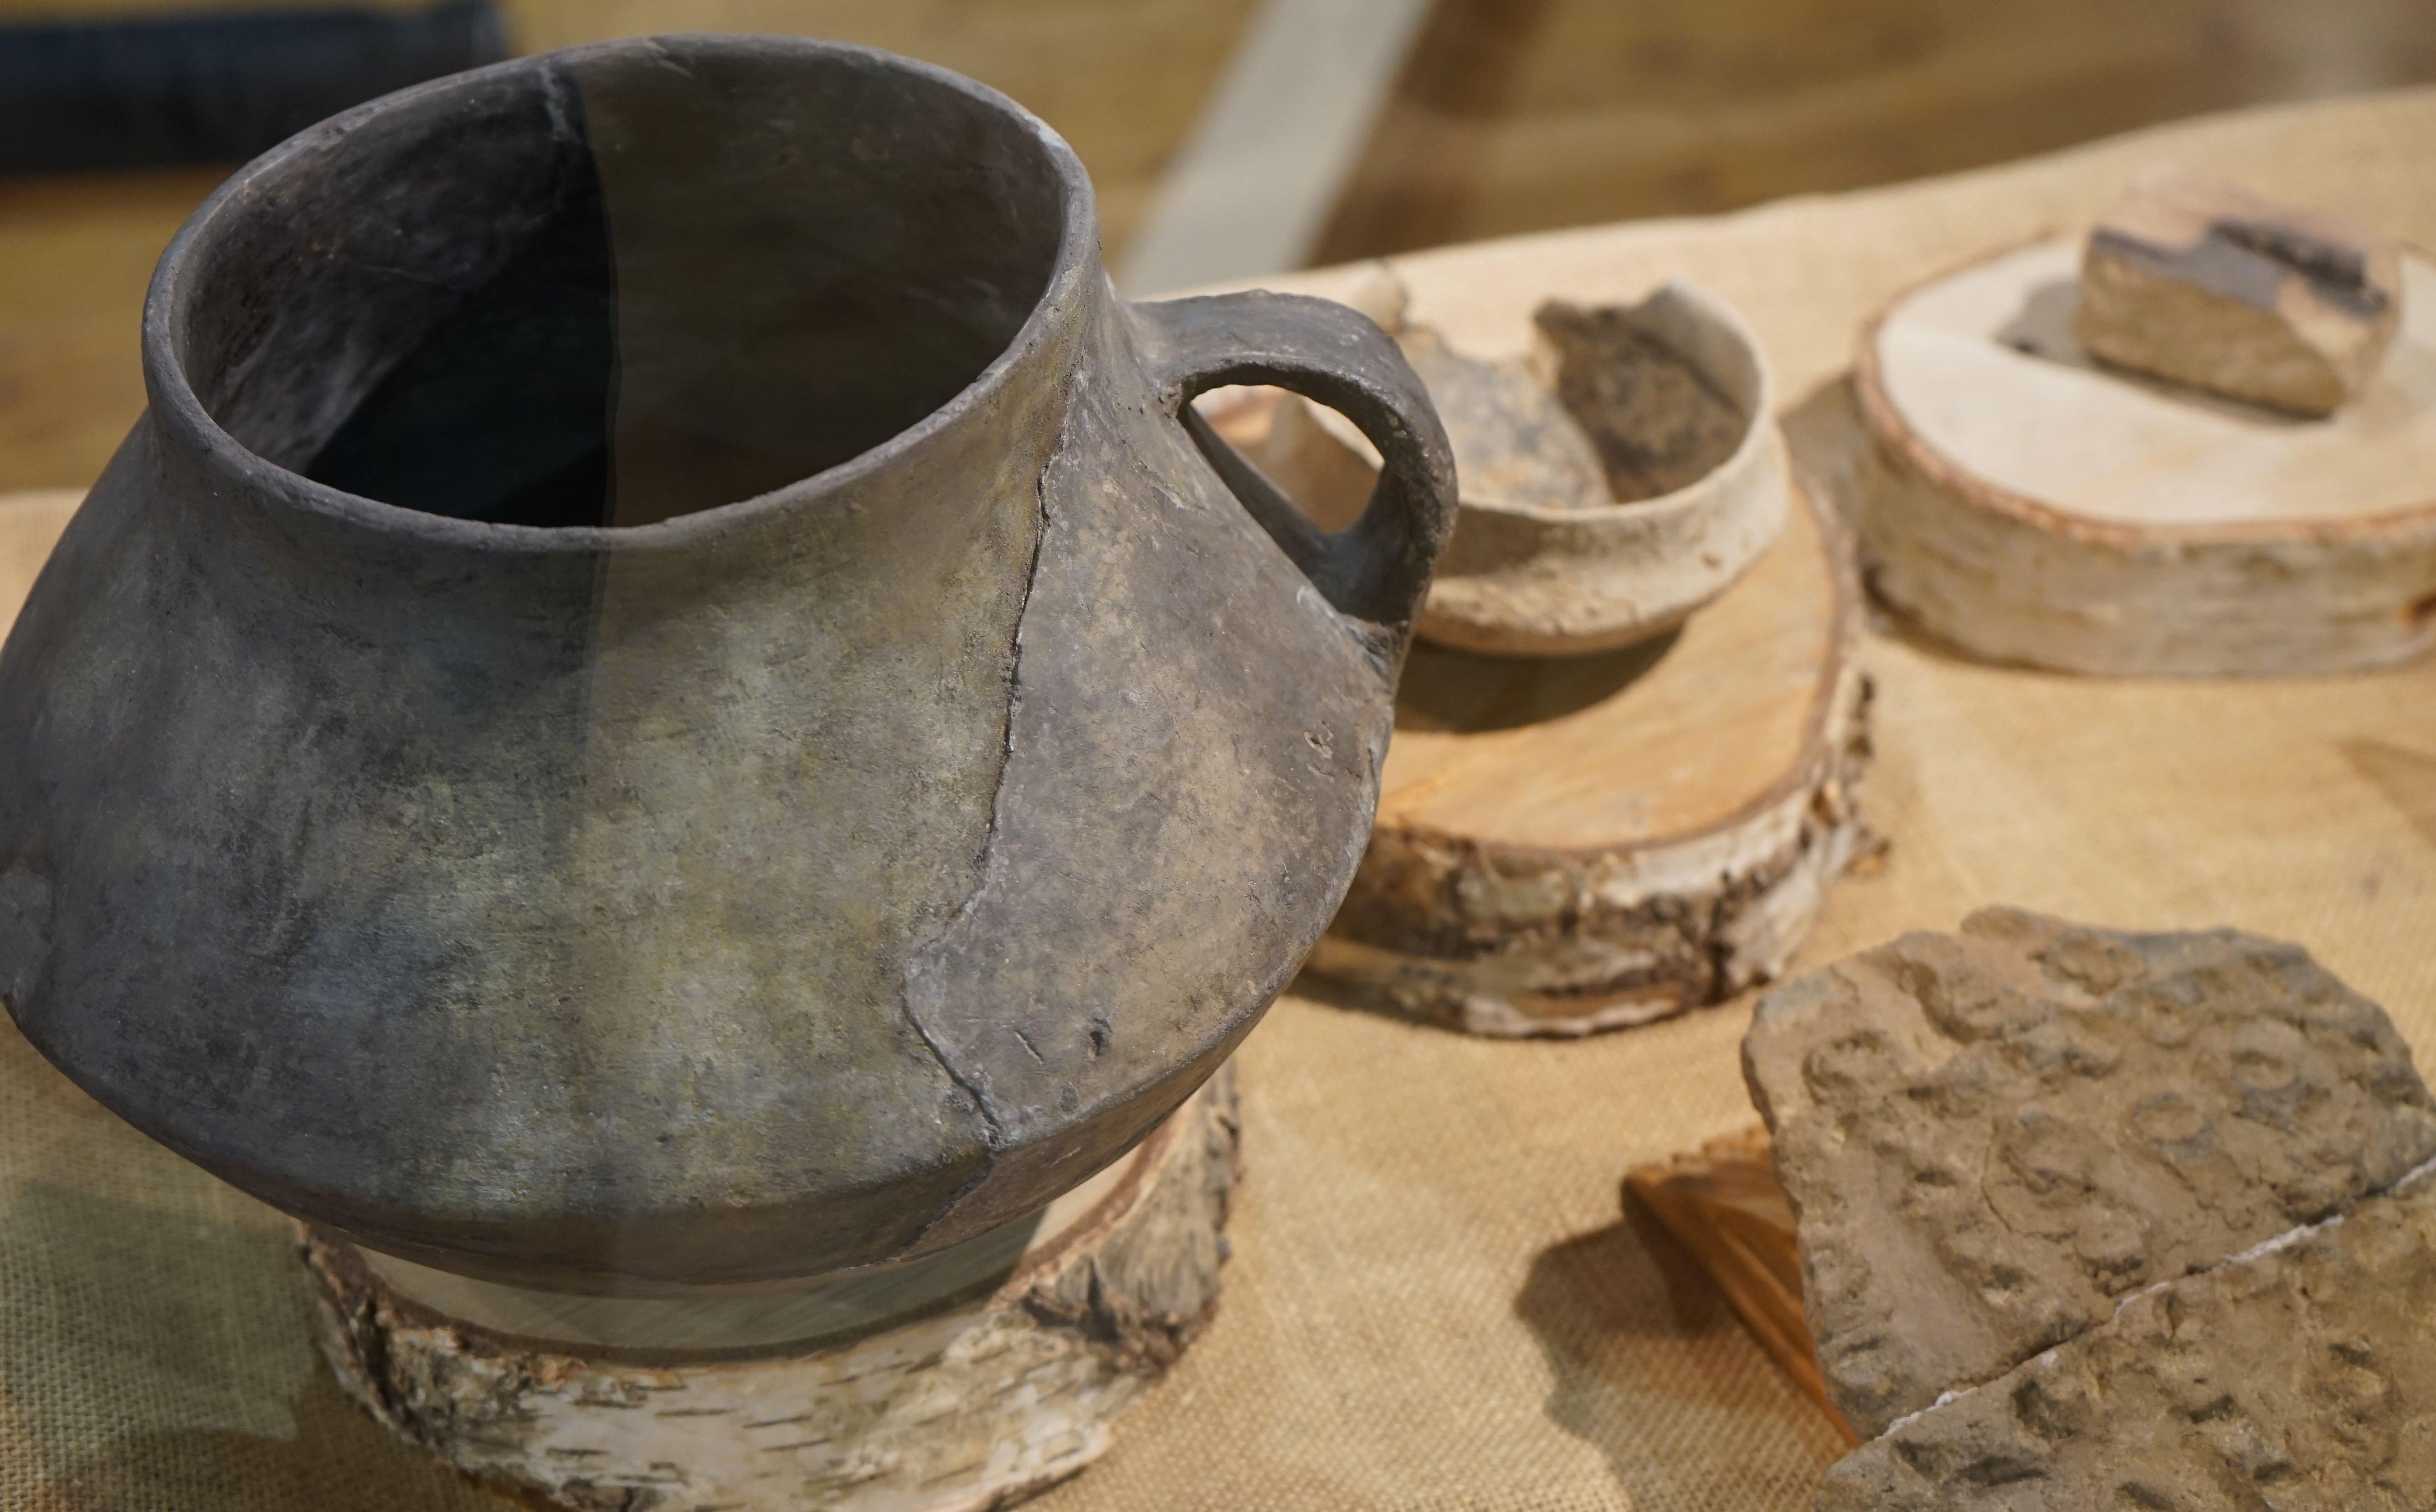 pirineu ceramica grup arqueologia alta muntanya